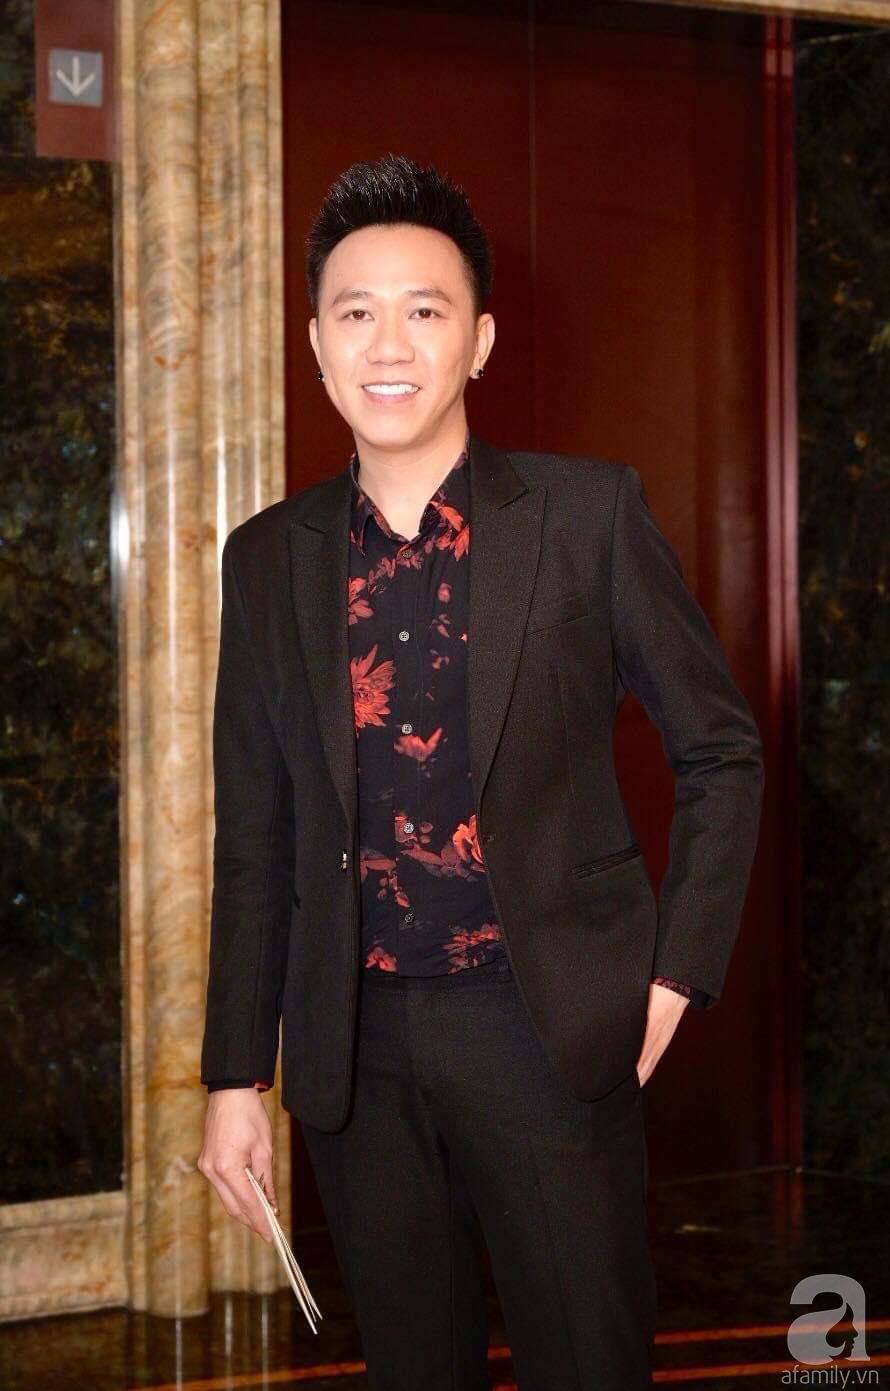 Trấn Thành - Hari Won, Ninh Dương Lan Ngọc cùng loạt sao Việt đến sự đám cưới đạo diễn Cua lại vợ bầu - Ảnh 7.